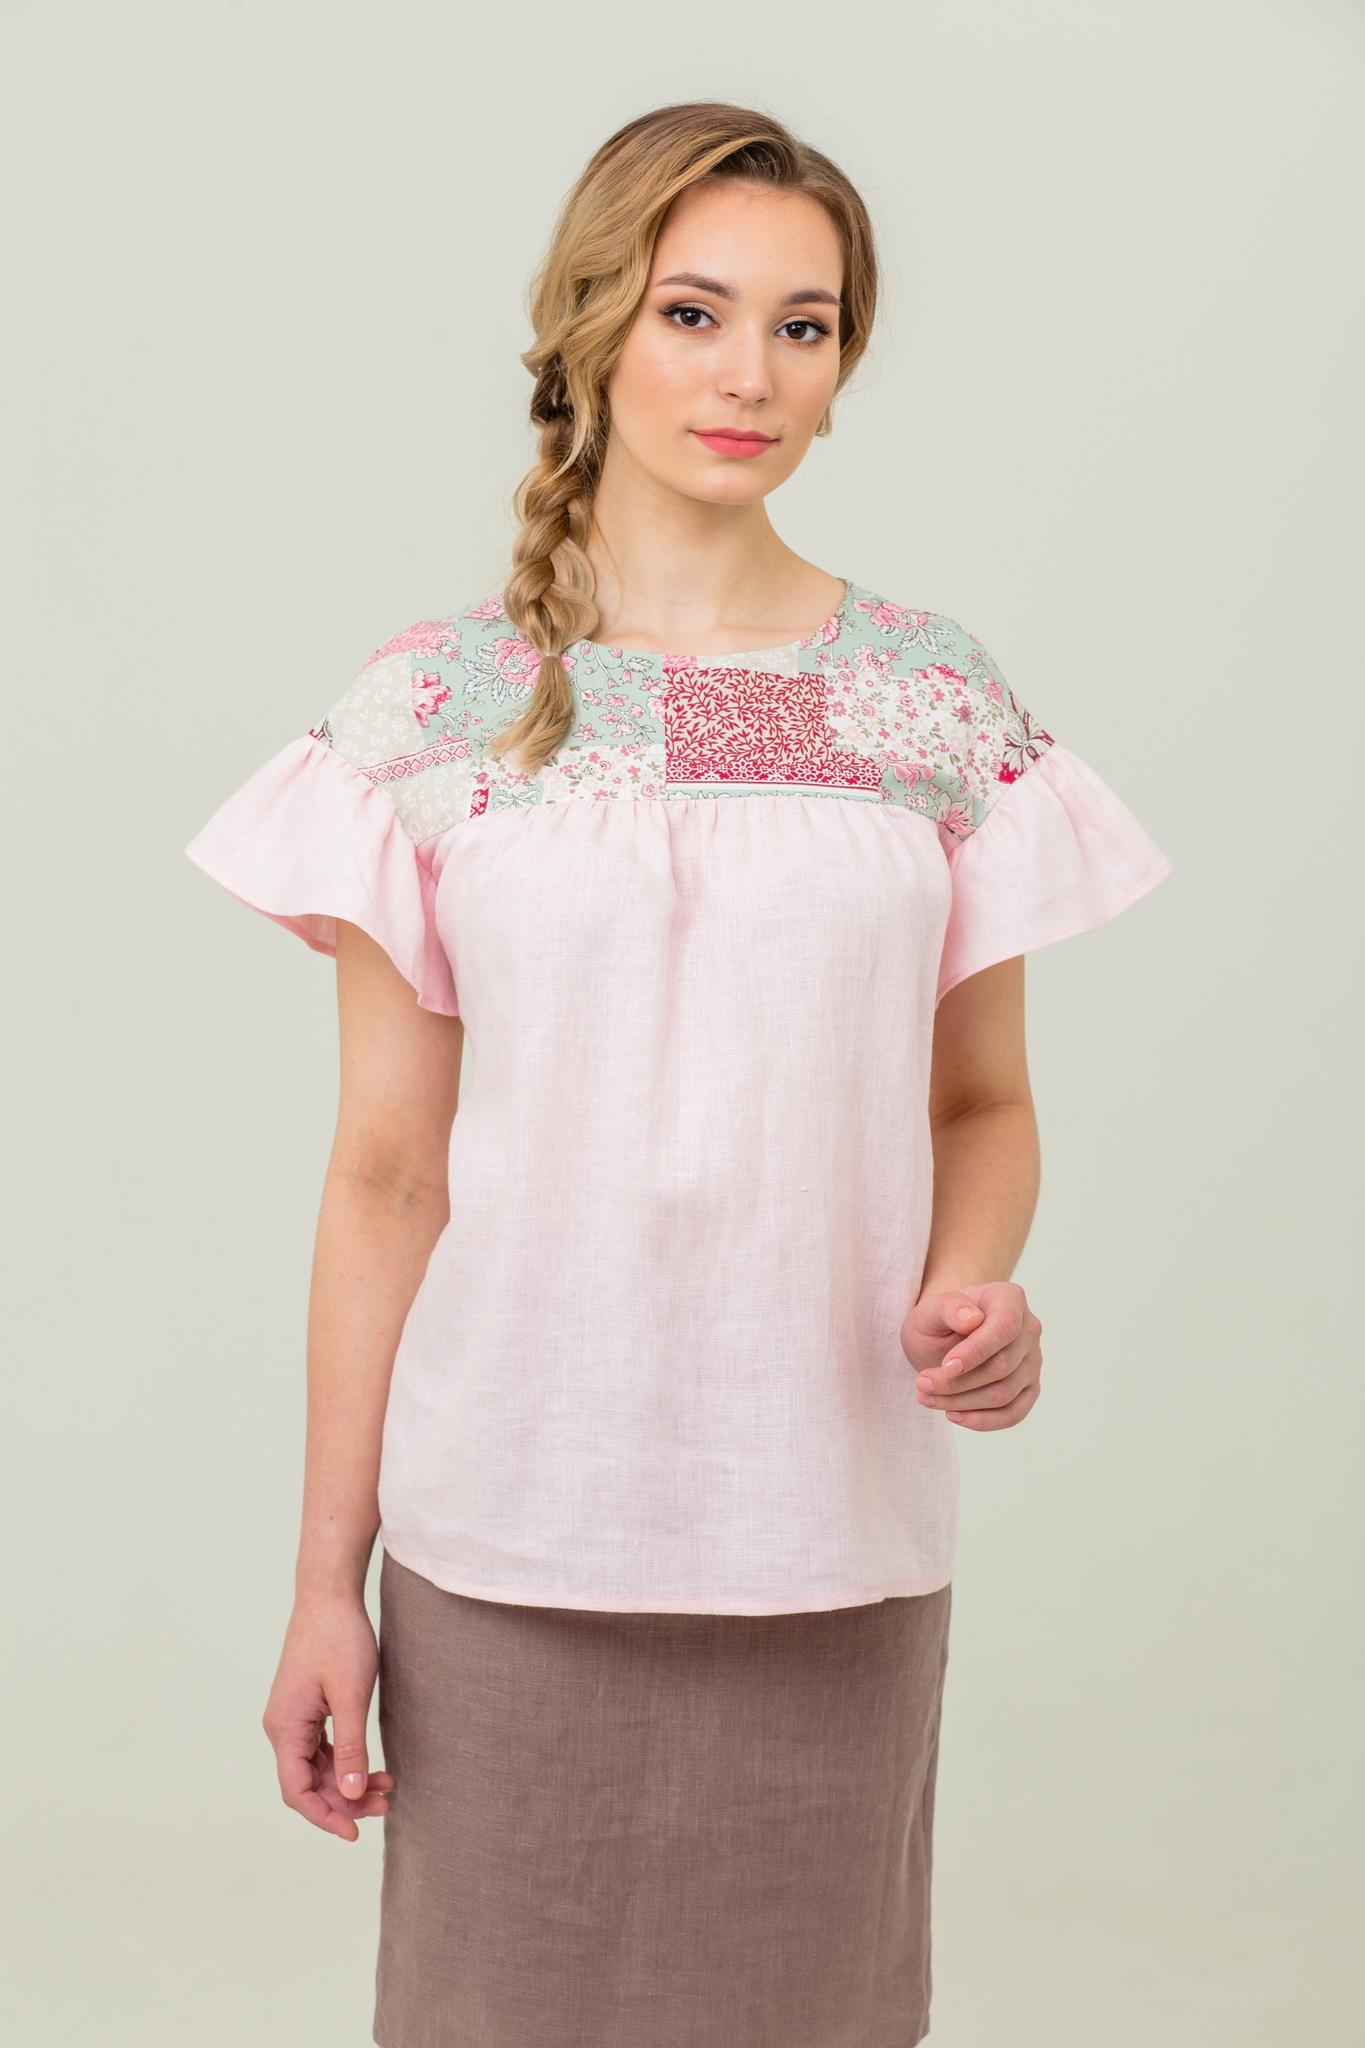 Свободная блуза Сладкая ваниль купить с доставкой